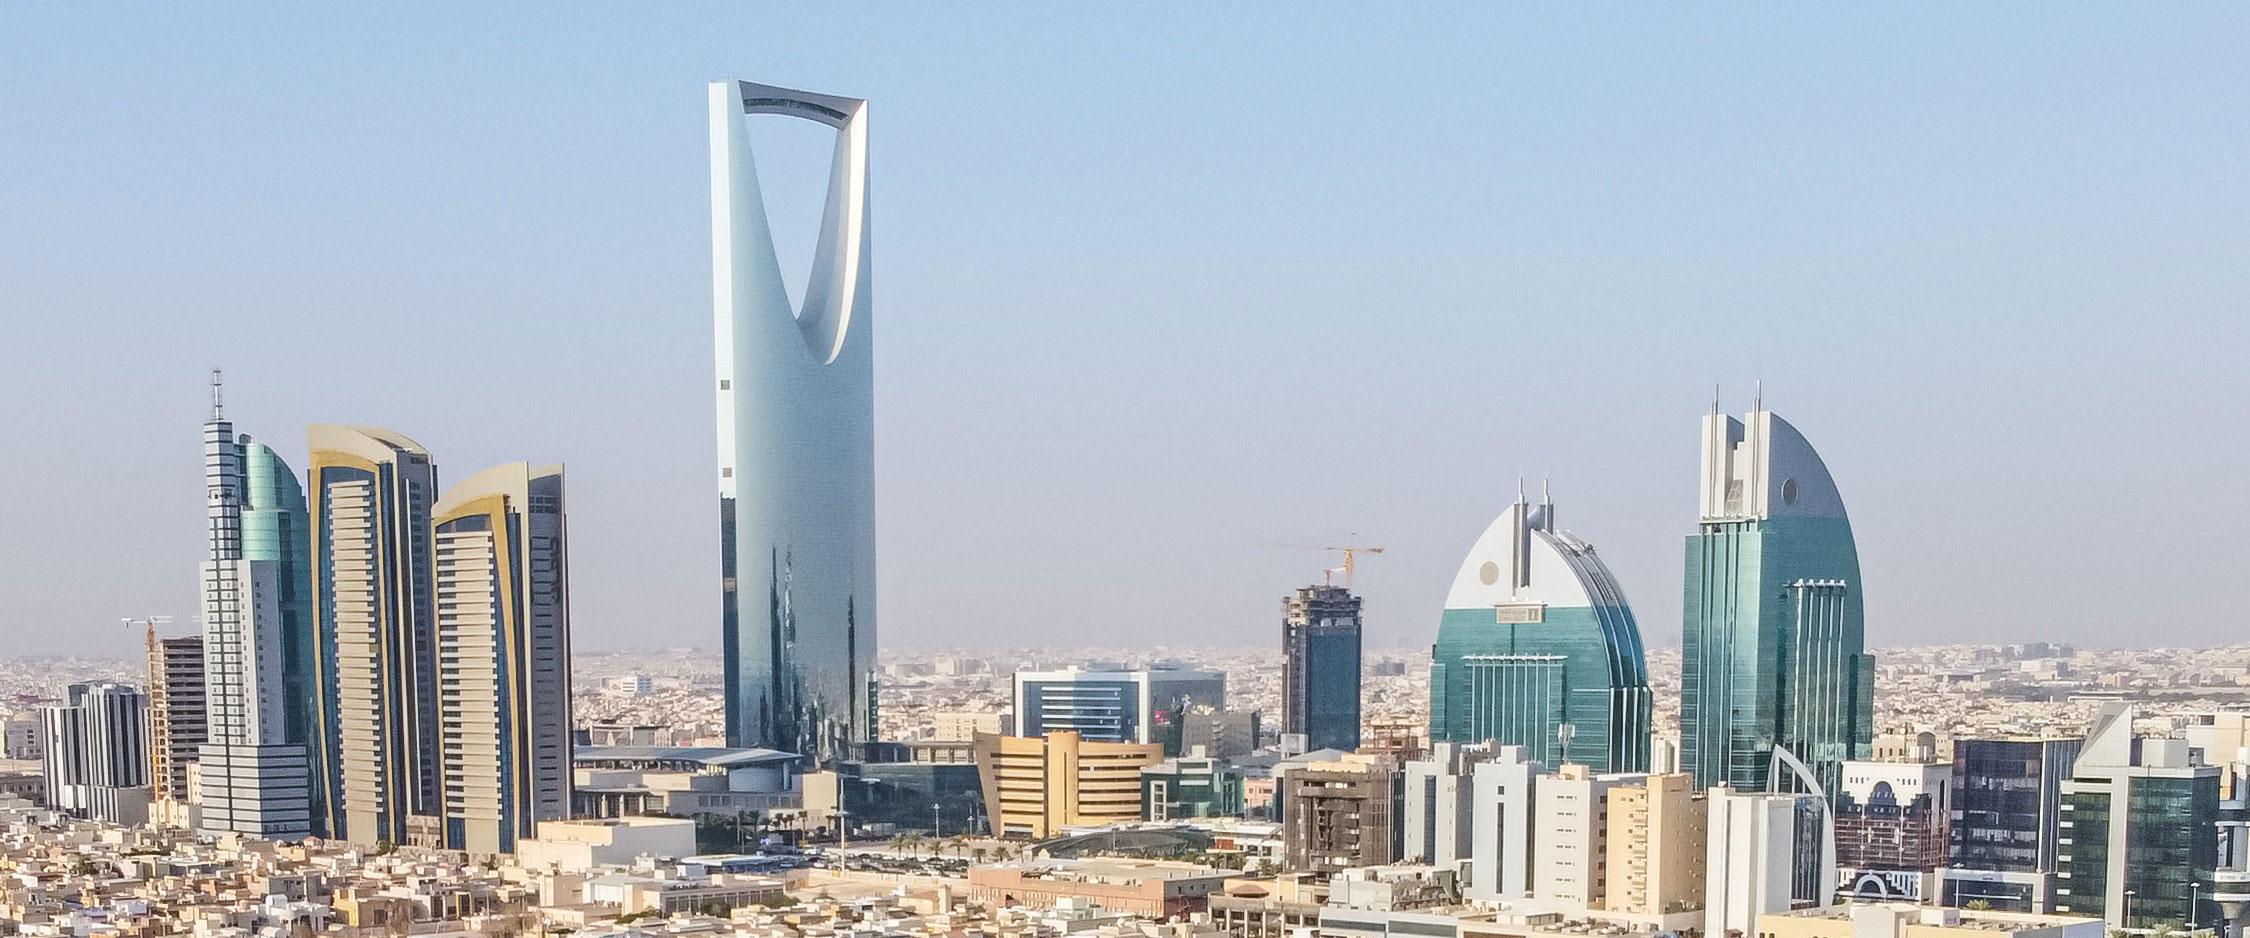 La implantació de la e-factura a l'Aràbia Saudita es fa efectiva